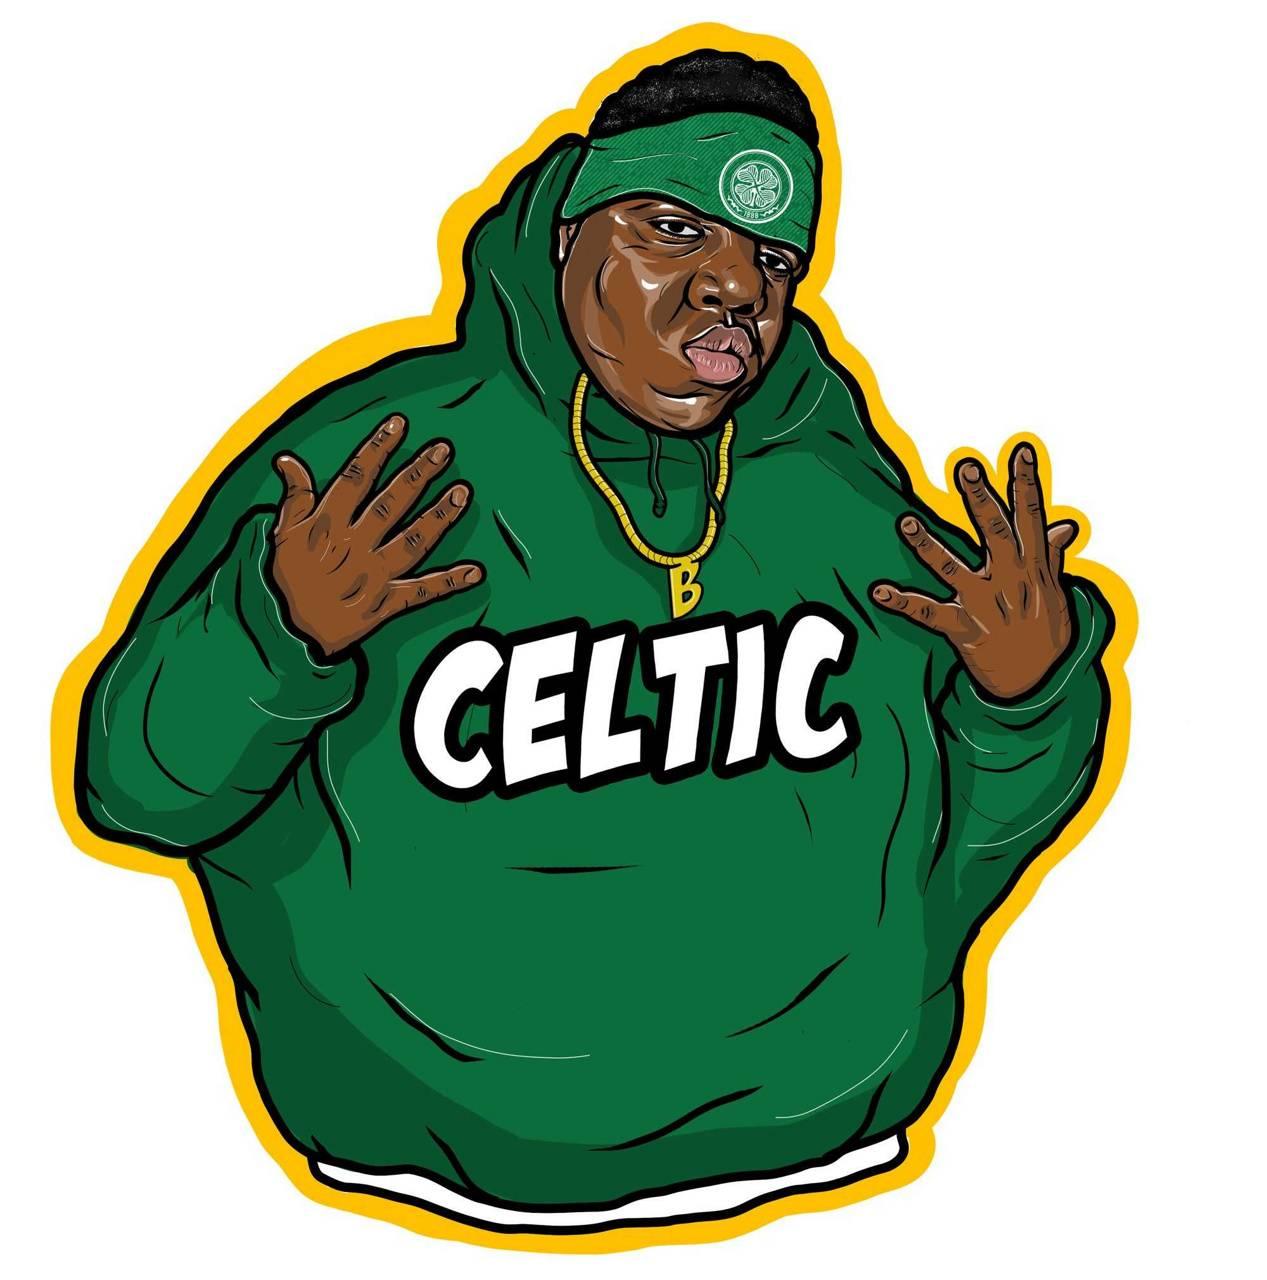 Biggie Smalls Celtic wallpaper by